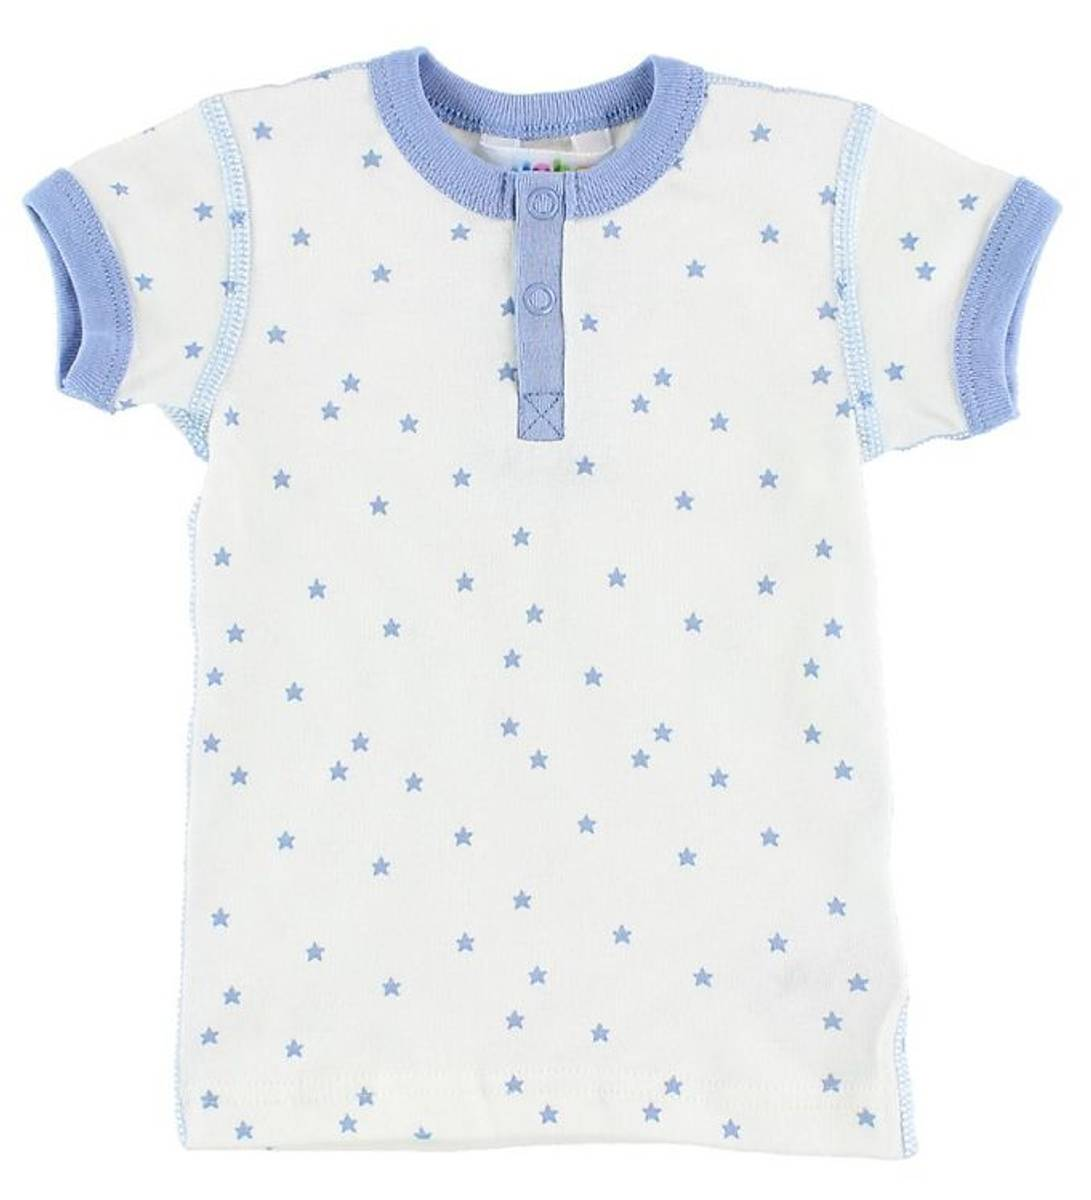 Joha stjerne t-skjorte kids - blå